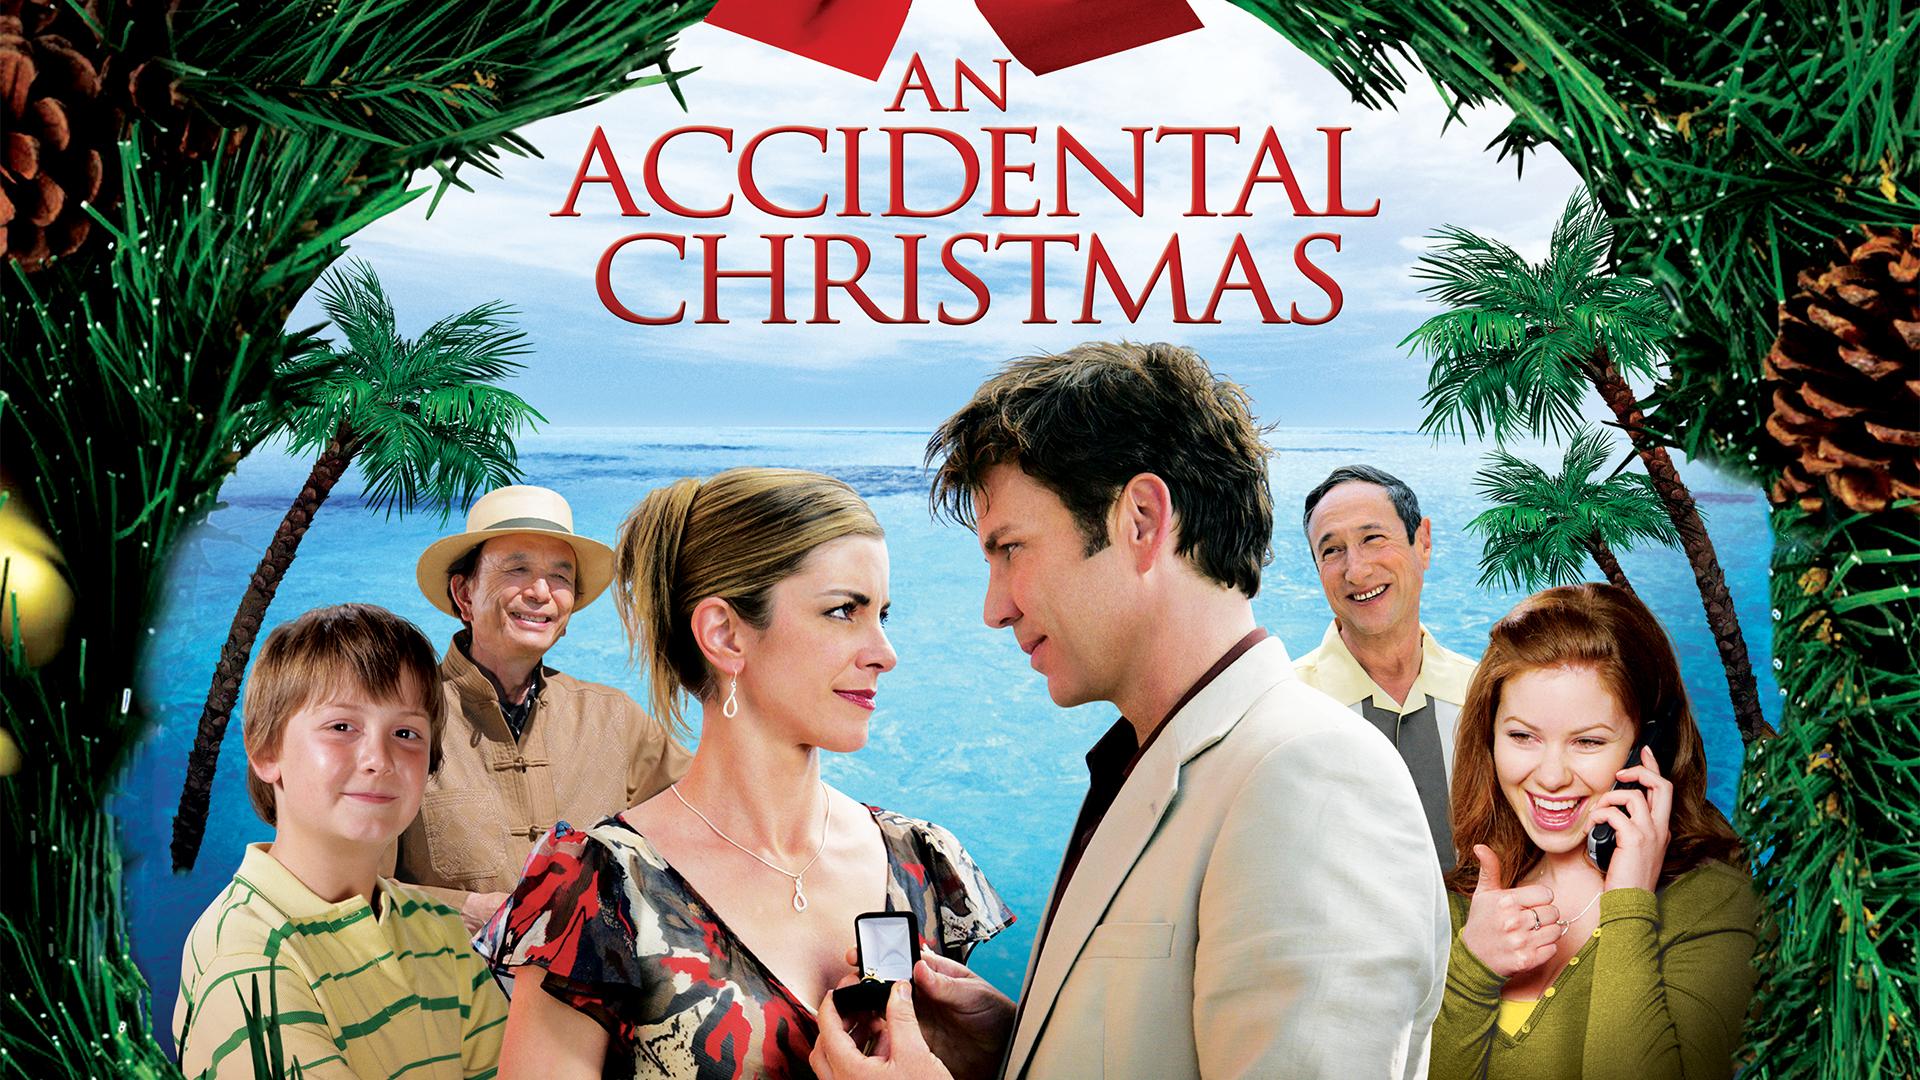 Accidental Christmas